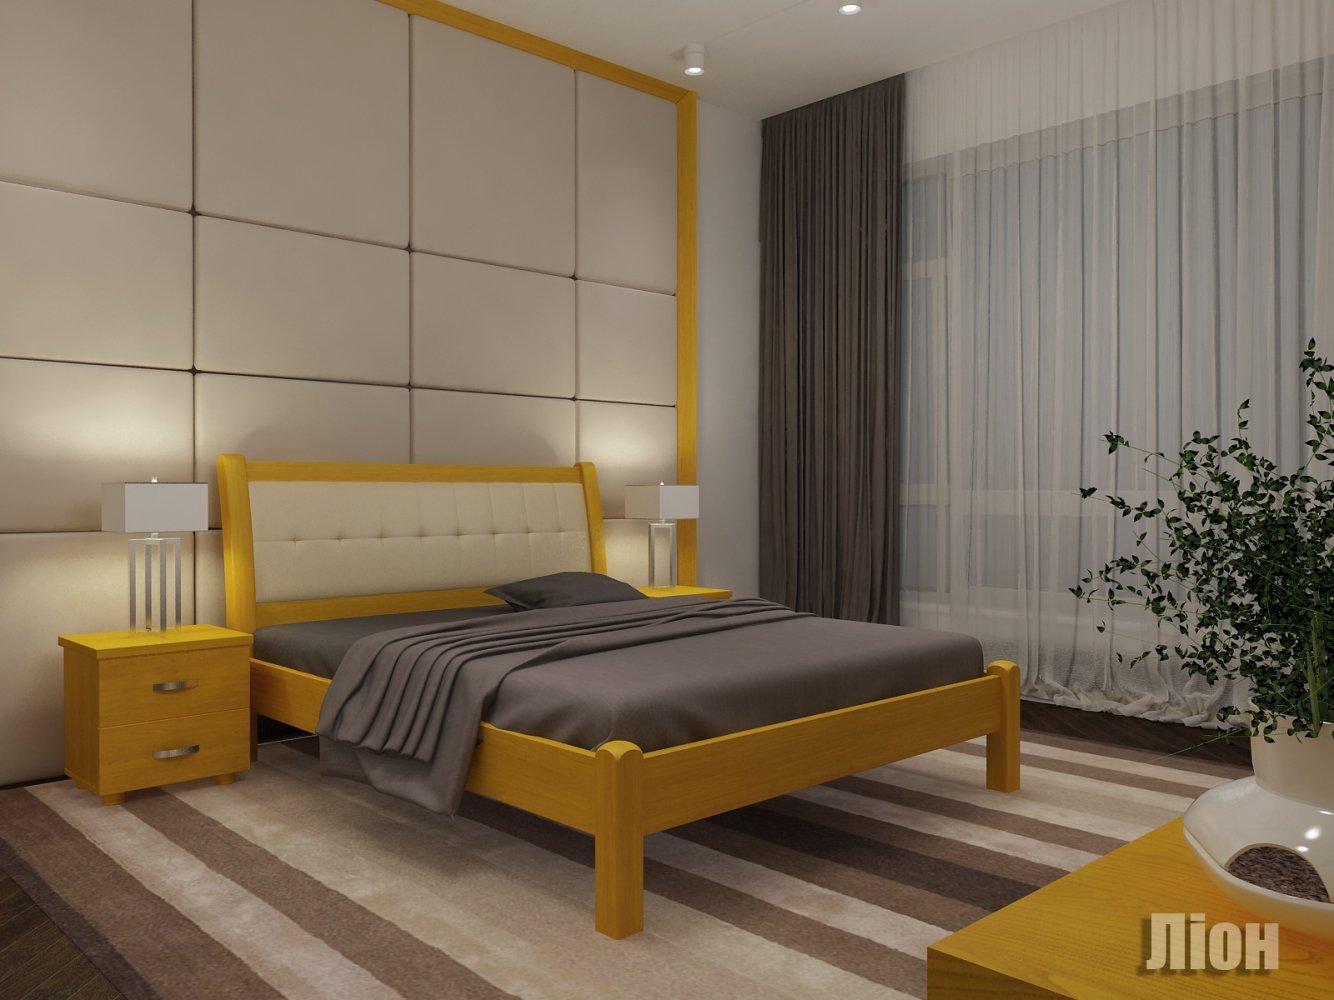 Кровать Лион + Подъемник 4